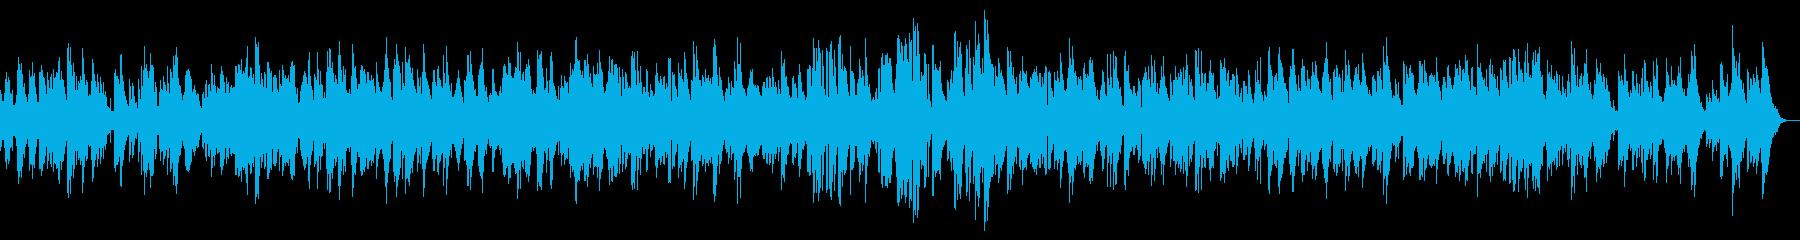 ピアノのイージーリスニングの再生済みの波形